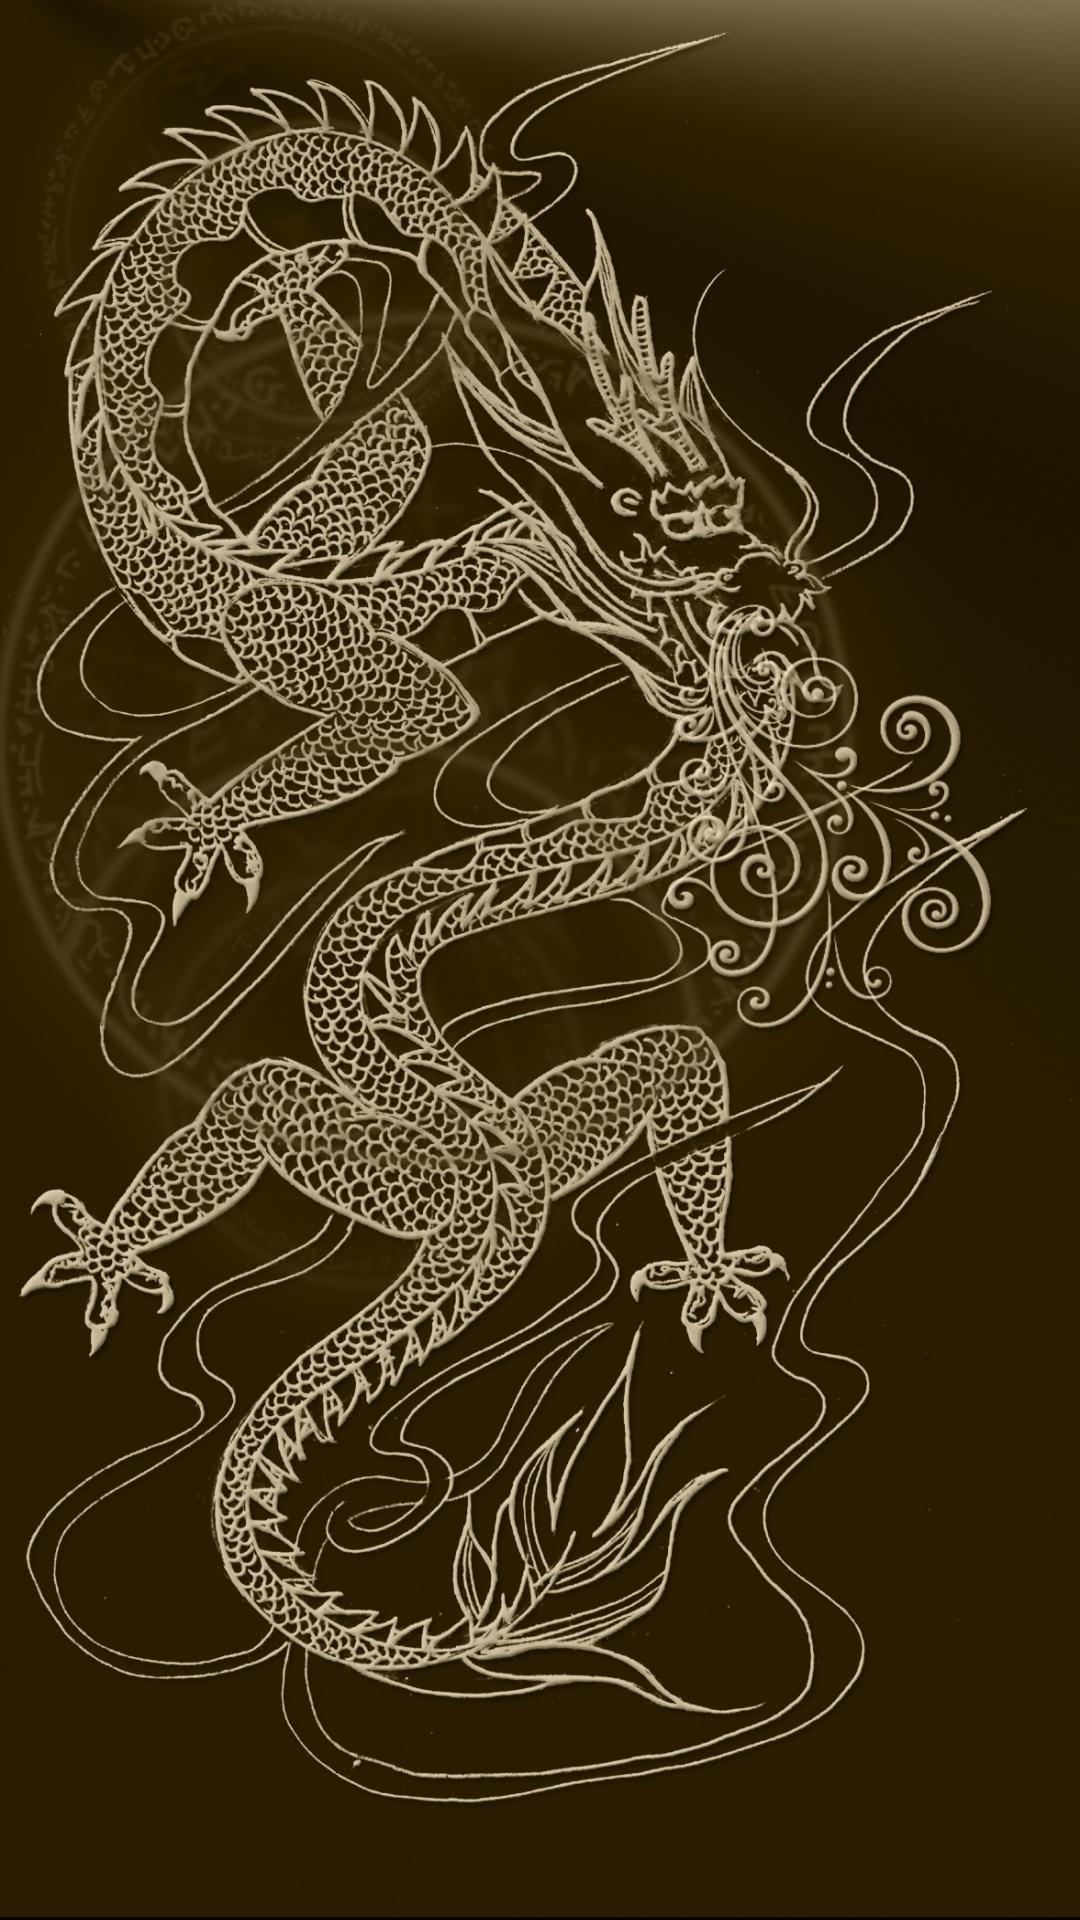 честь китайский дракон картинки для телефона лично